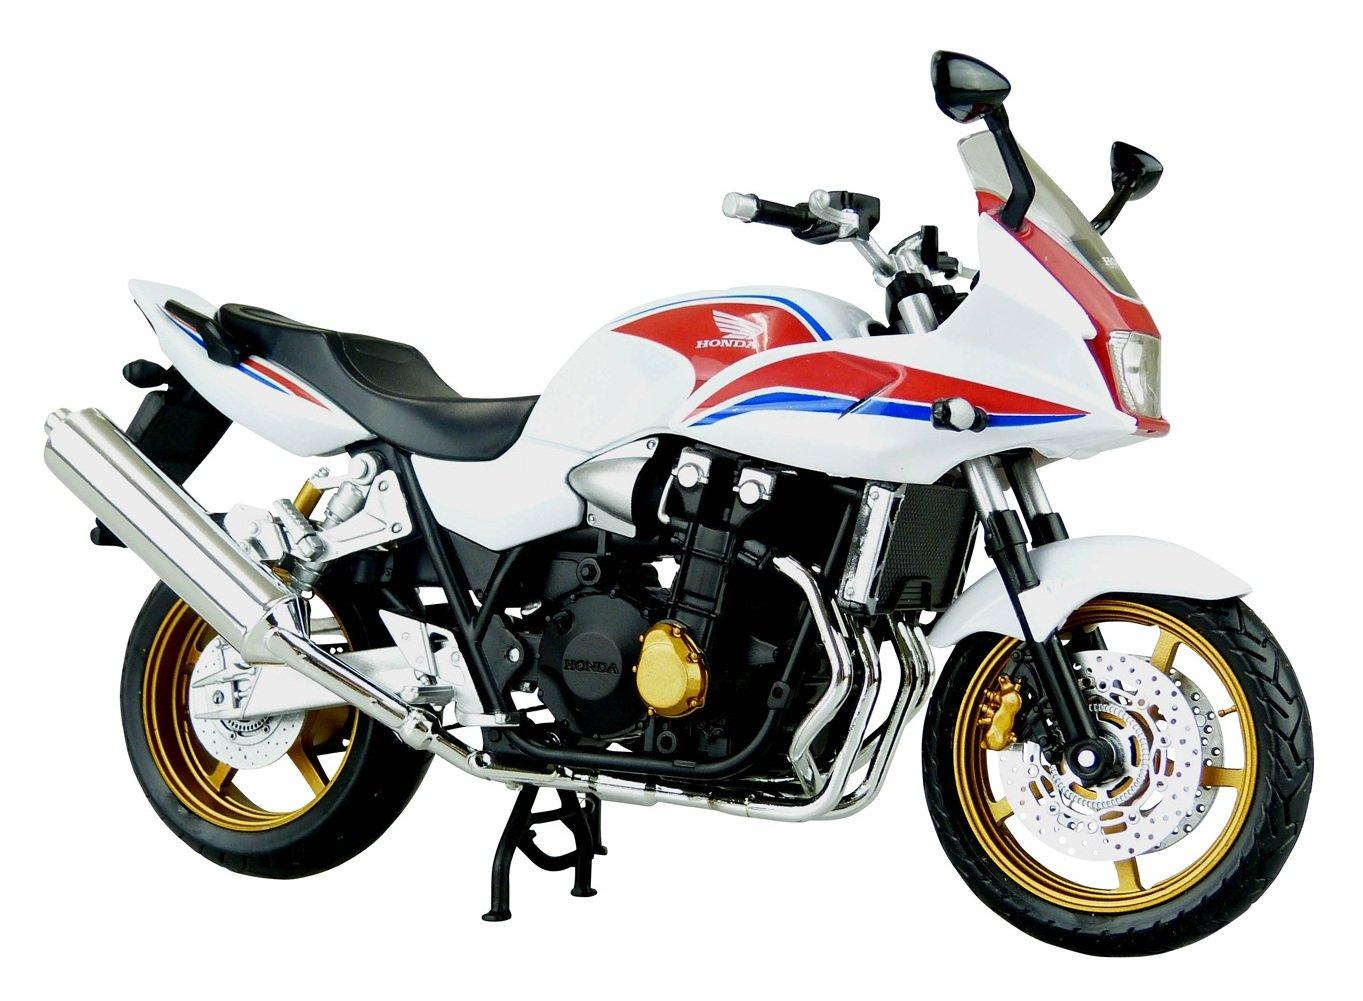 スカイネット 1/12 完成品バイクCB1300 SUPER BOLD'OR (ホワイト/レッド) B00A60K91E